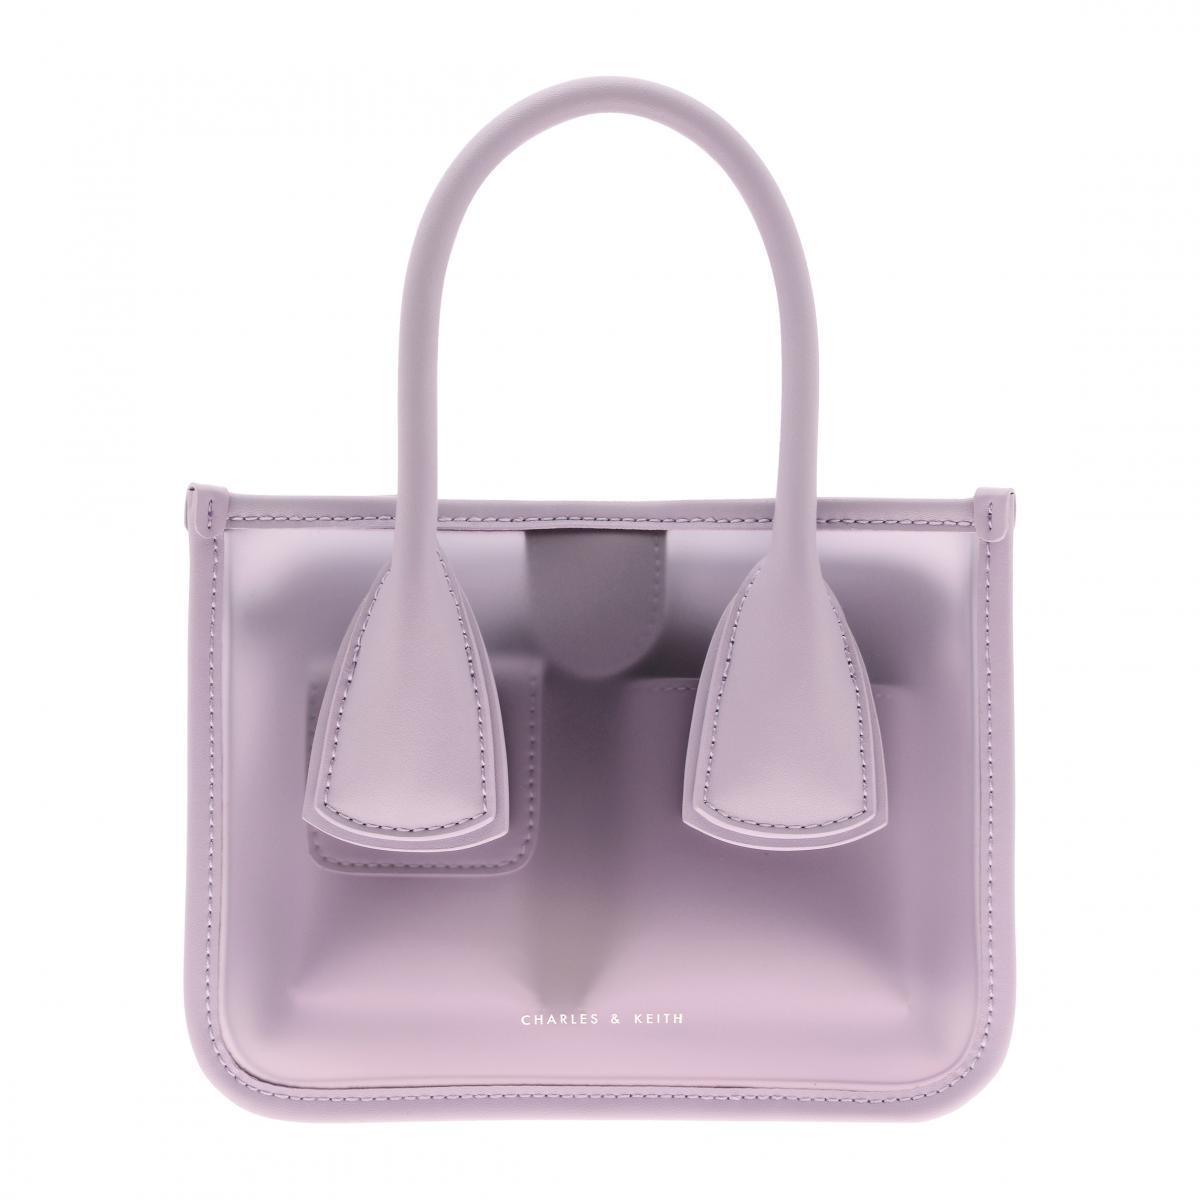 Charles & Keith包包紫色系推薦Top 6!水桶包 、小方包 、幾何翻蓋半圓包...全部3000元有找!-5